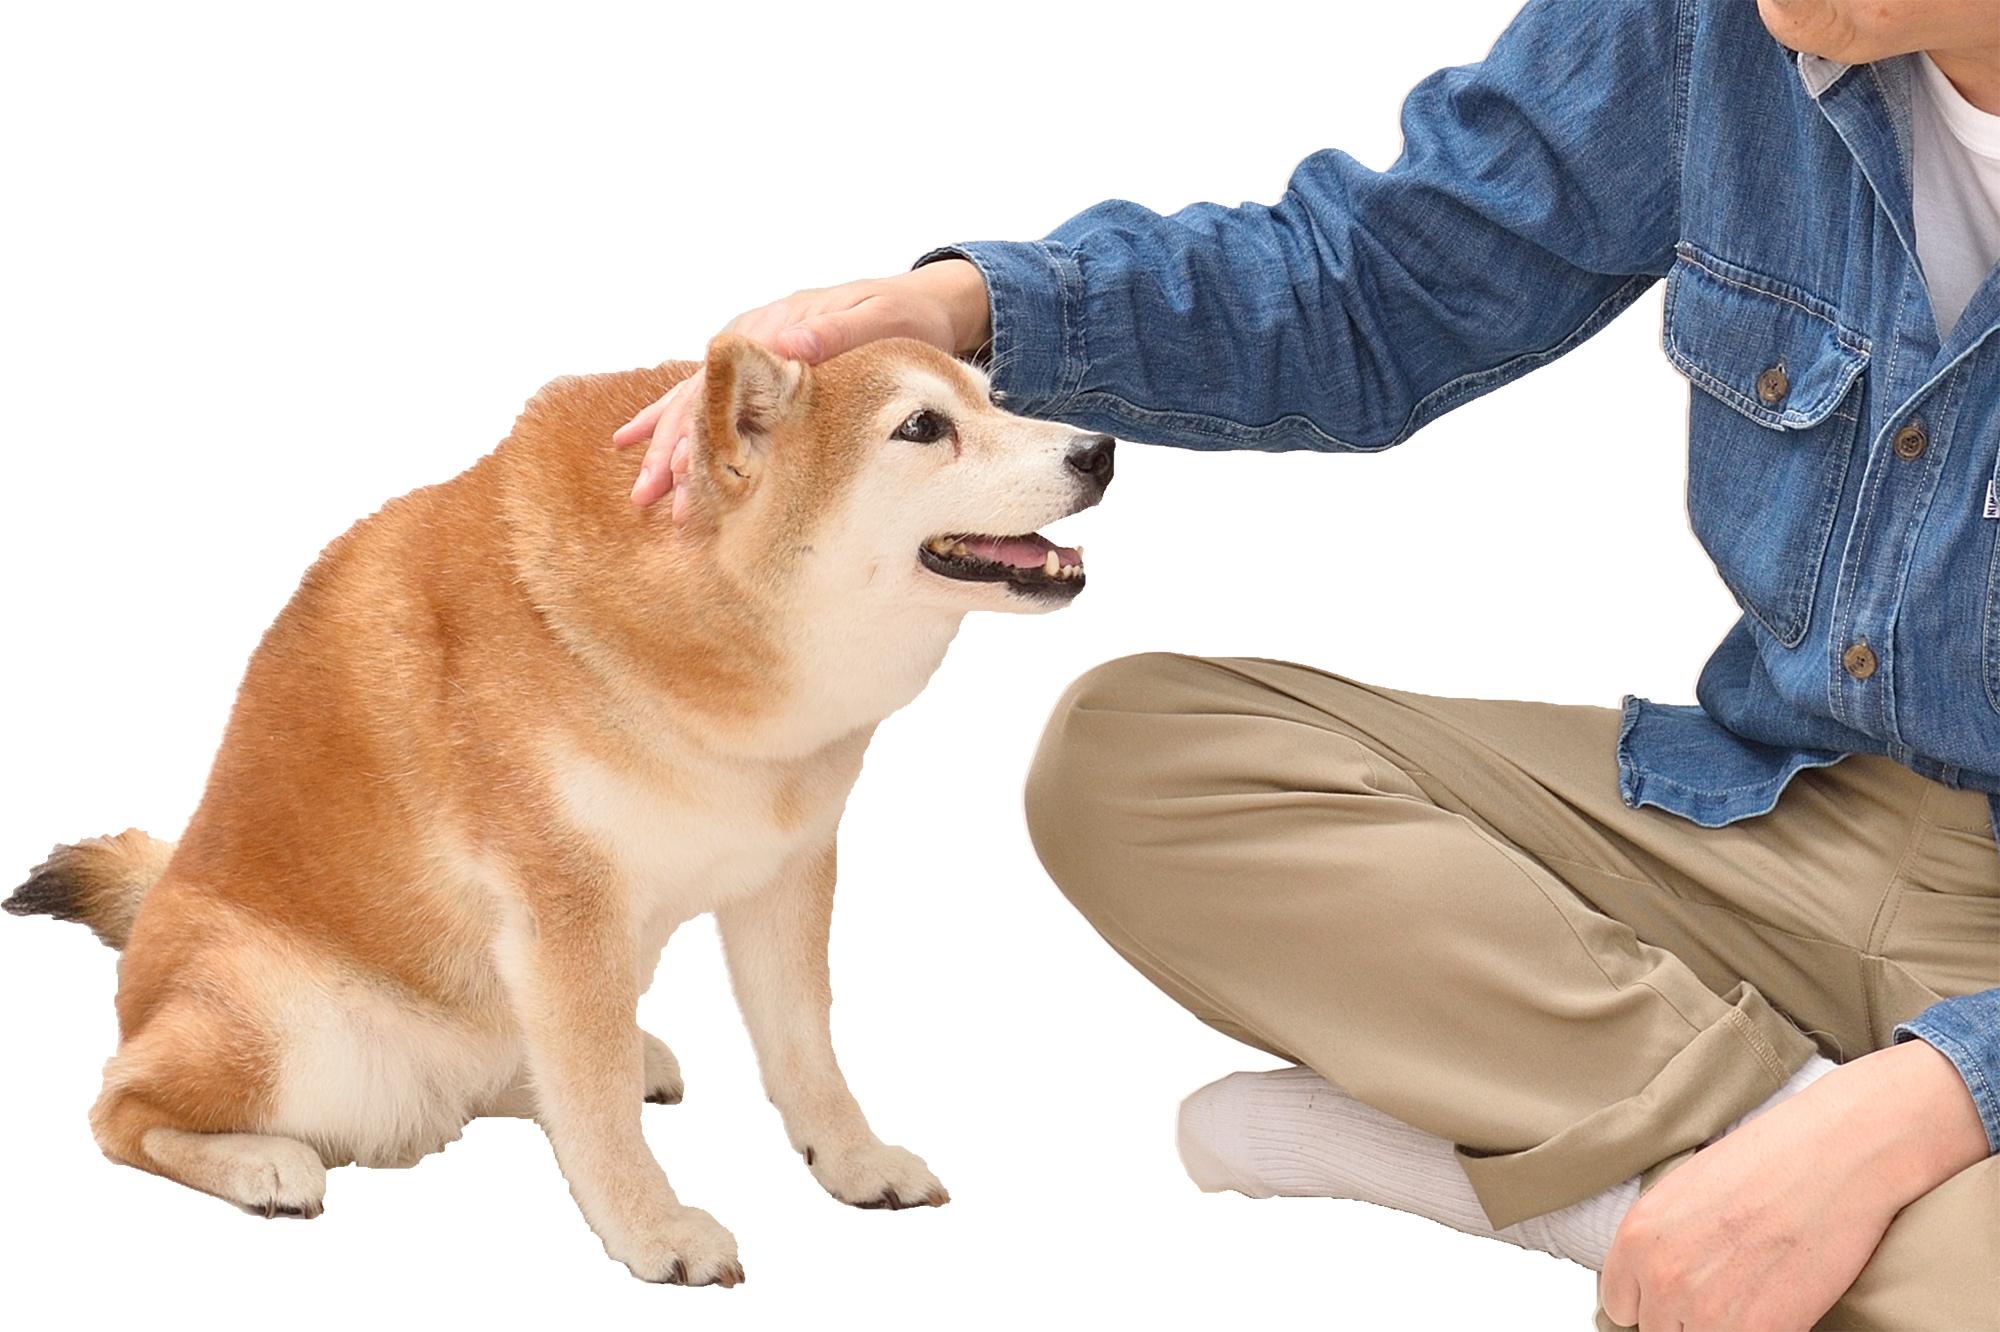 【日本犬に多い意外な病気】胆嚢のトラブル